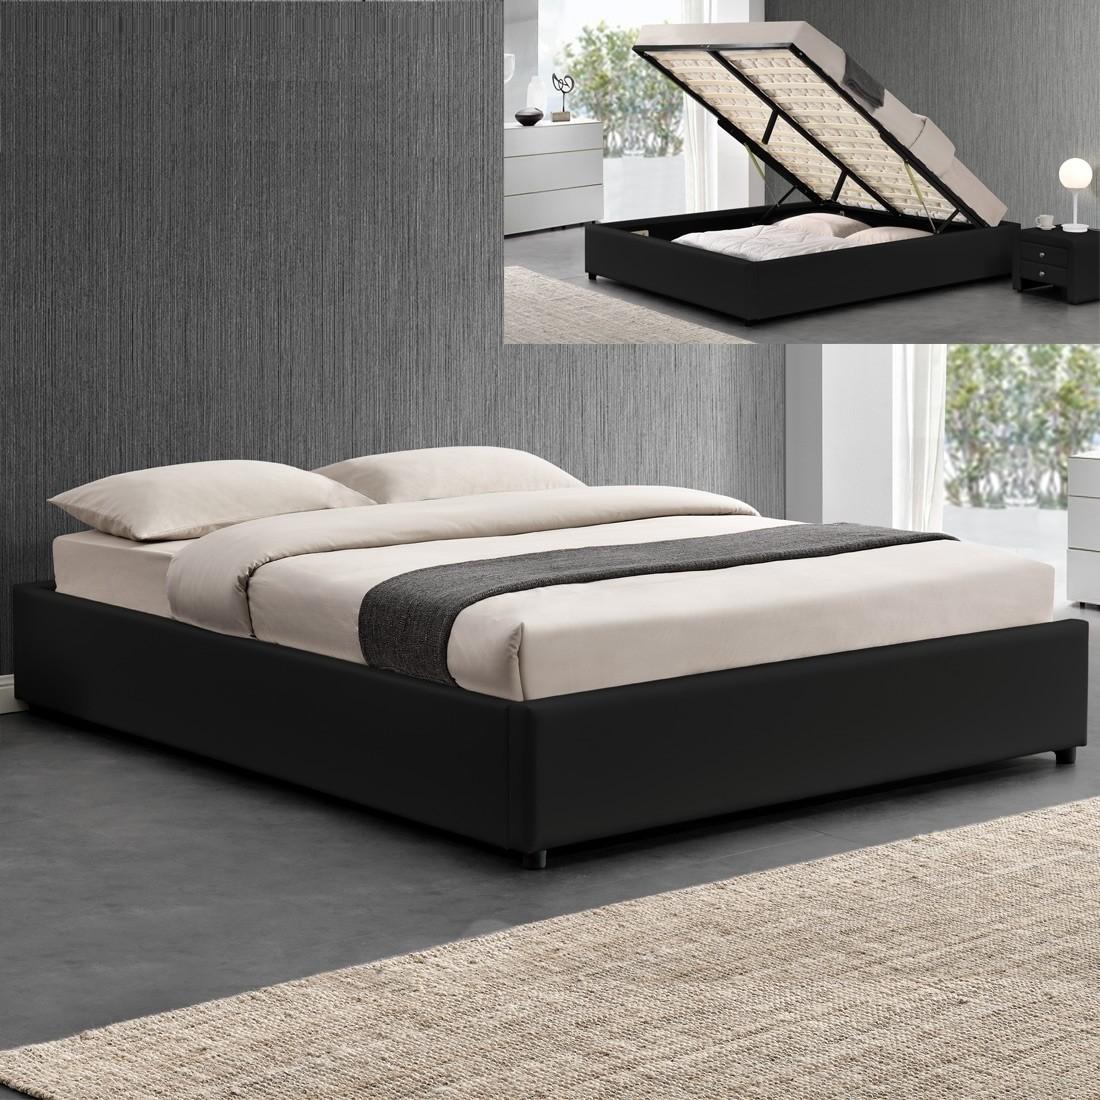 ensemble matelas sommier coffre 160 noir. Black Bedroom Furniture Sets. Home Design Ideas